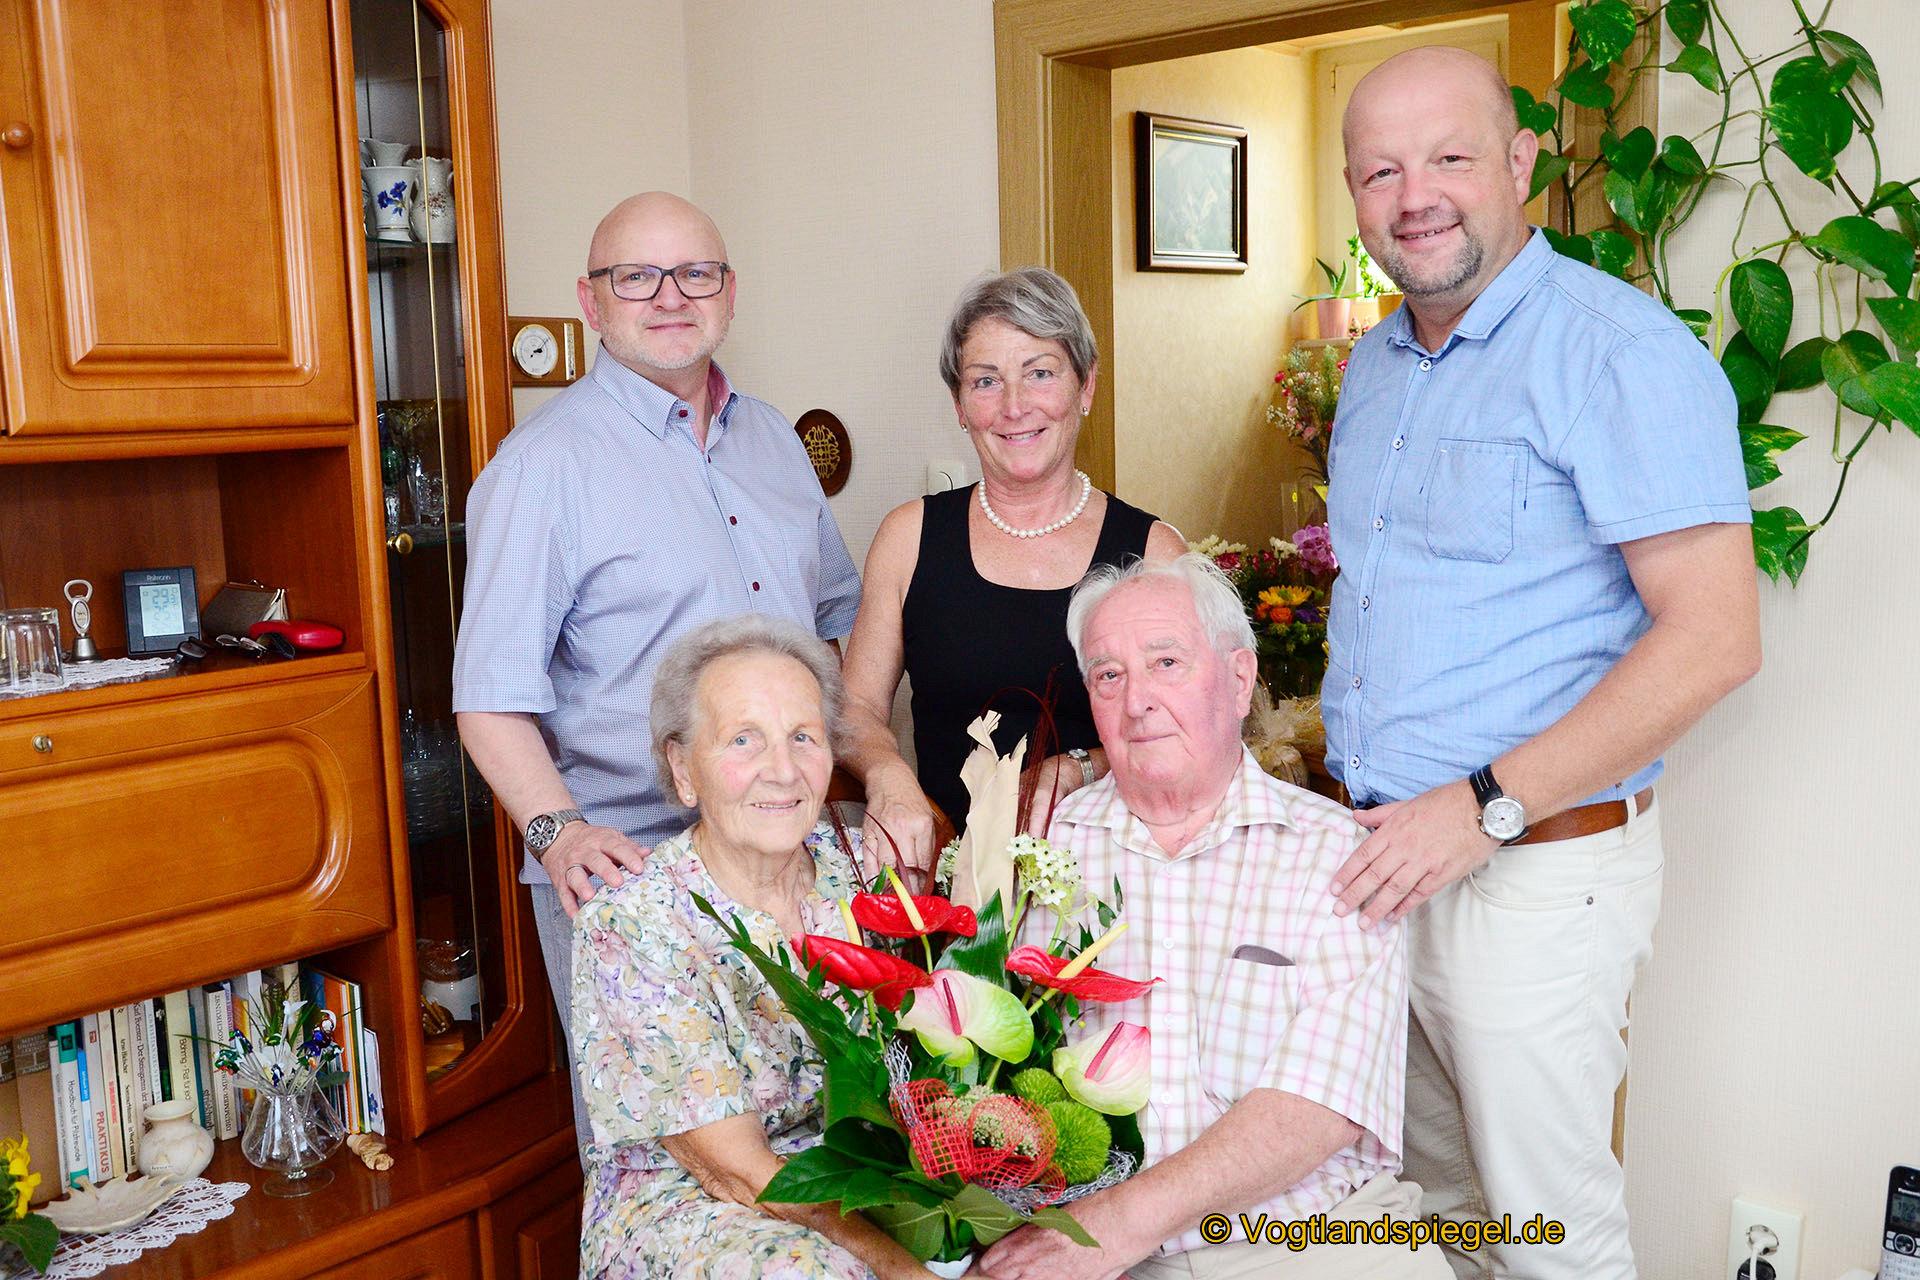 Gerhard und Ingeburg Zimmermann: Ein Leben in Zufriedenheit und gegenseitigem Vertrauen